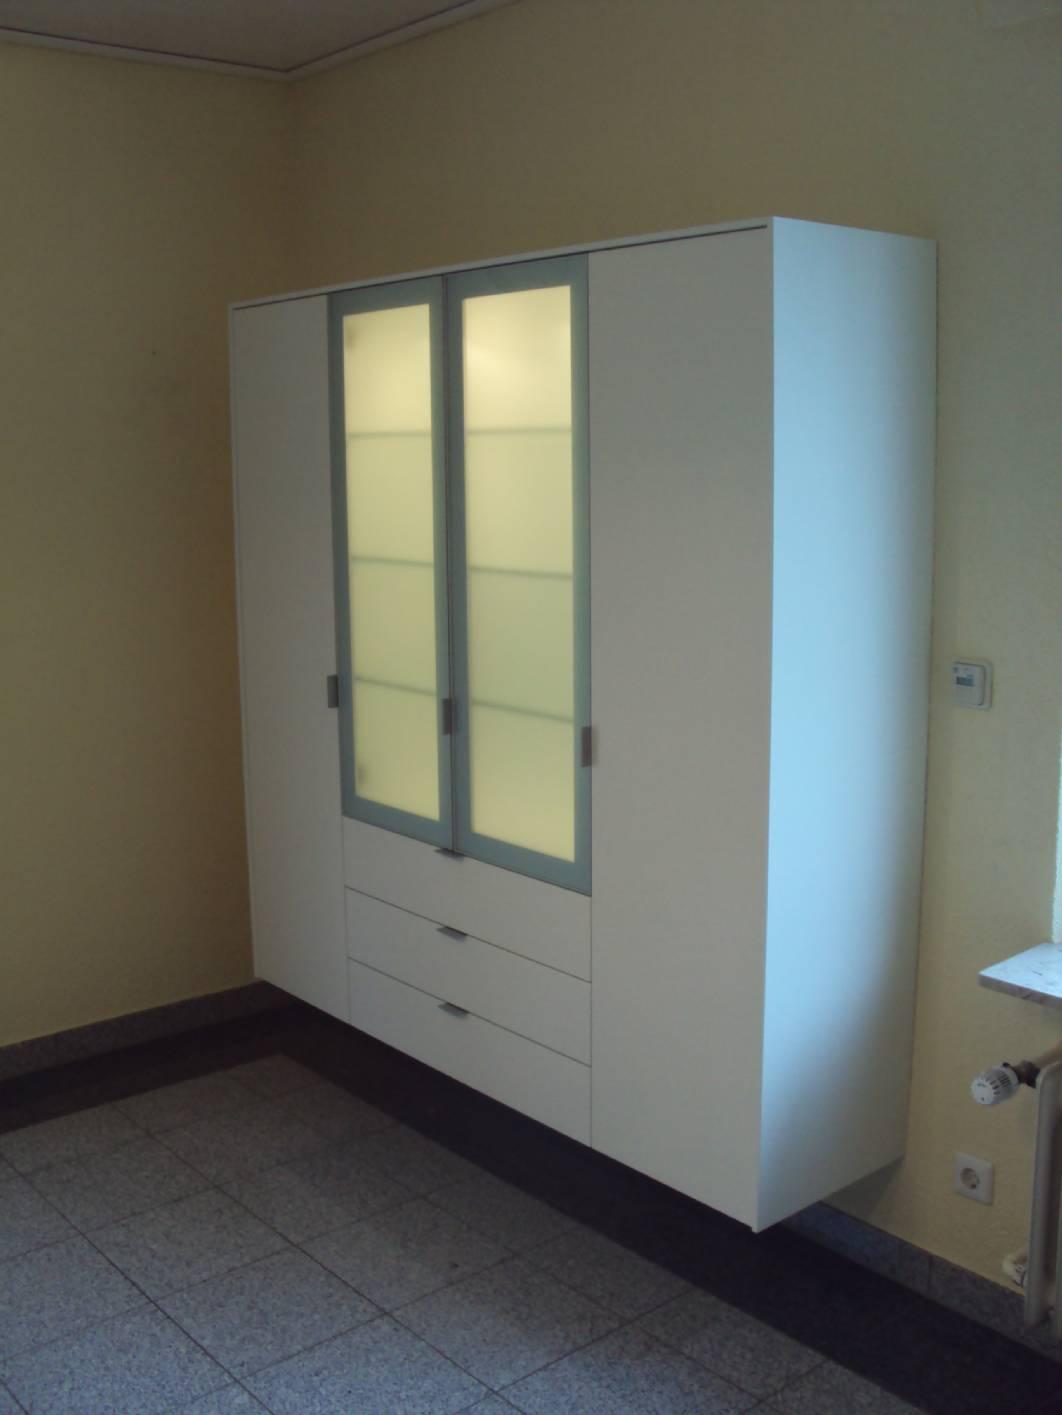 esszimmer horkheim esszimmer modern einrichten erstaunlich die meisten erstaunlich billig. Black Bedroom Furniture Sets. Home Design Ideas